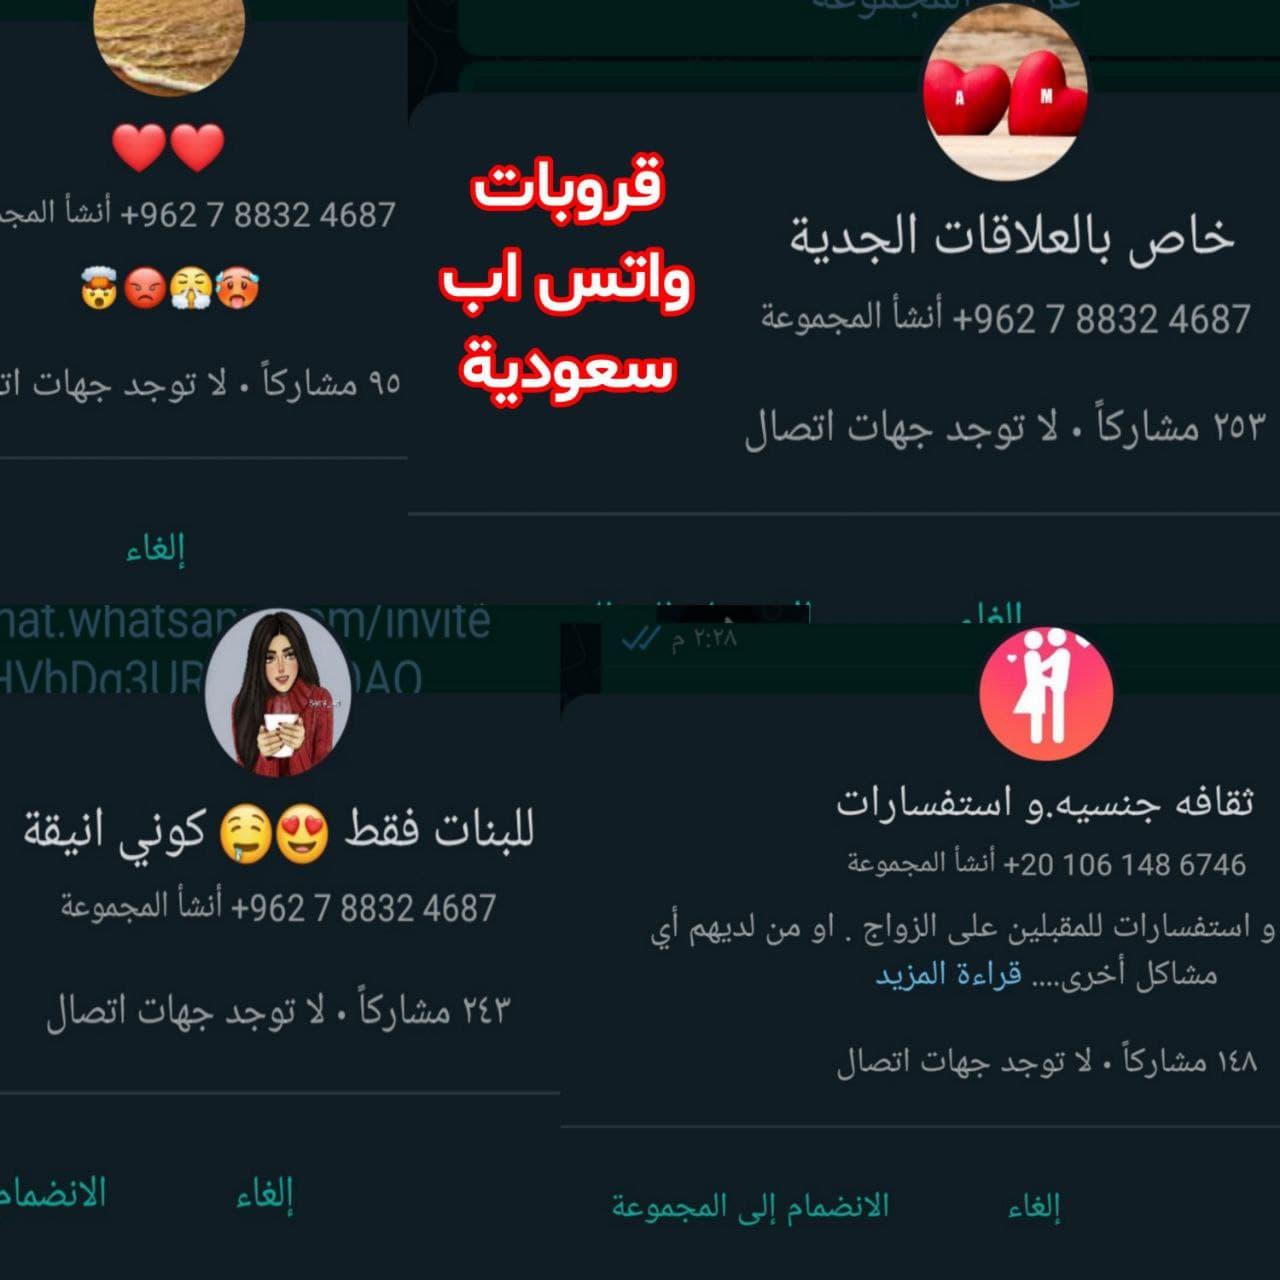 تعارف واتساب السعودية قروبات واتس اب للتعرف على بنات وبناء علاقات جادة 2021